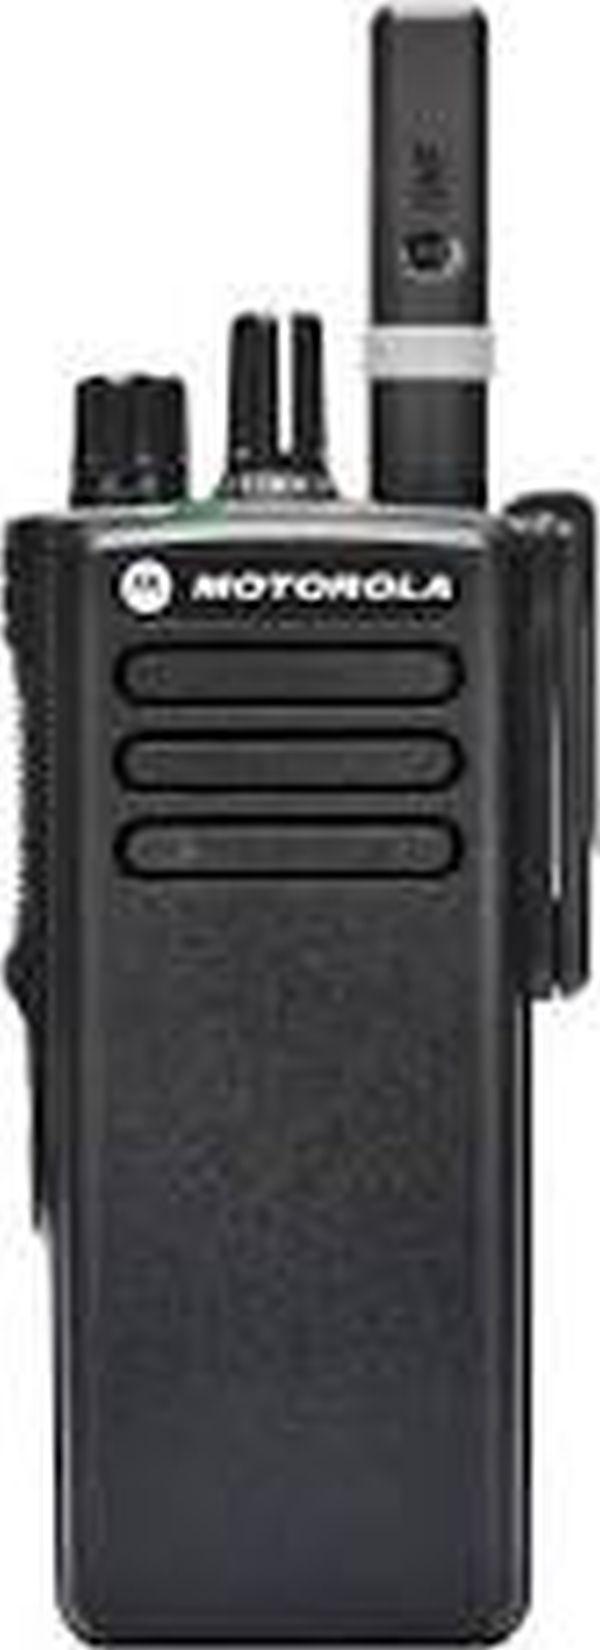 портативная радиостанция motorola dp 4400 (носимая радиостанция 136 - 174 мгц, 32 кан.; (упаков. по 20 шт без индив. упаковки))(Радиостанции портативные Motorola MDH56JDC9JA1ANB DP-4400)